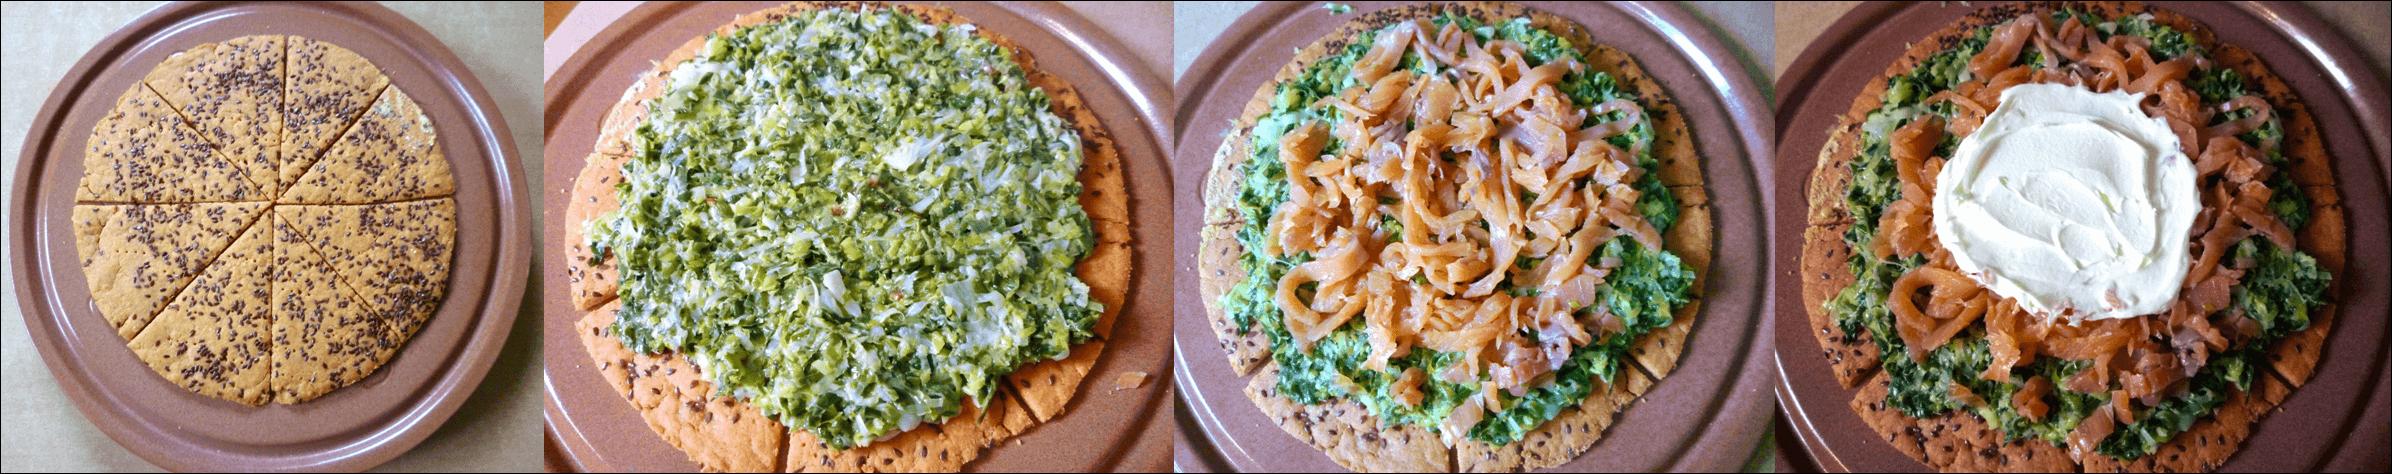 tarte-saumon-montage